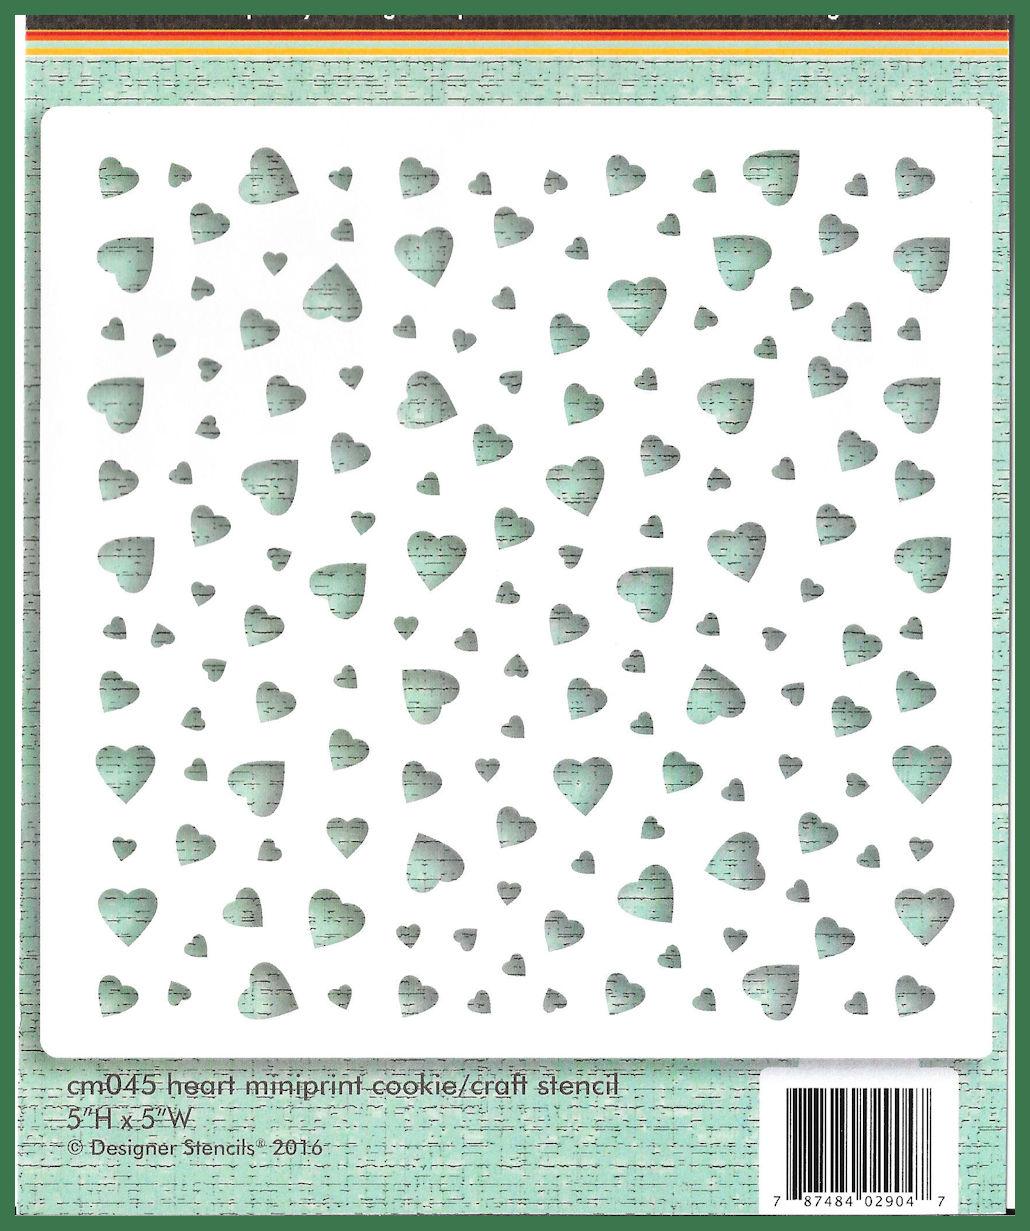 ds-heart-miniprint-8748402094.jpg